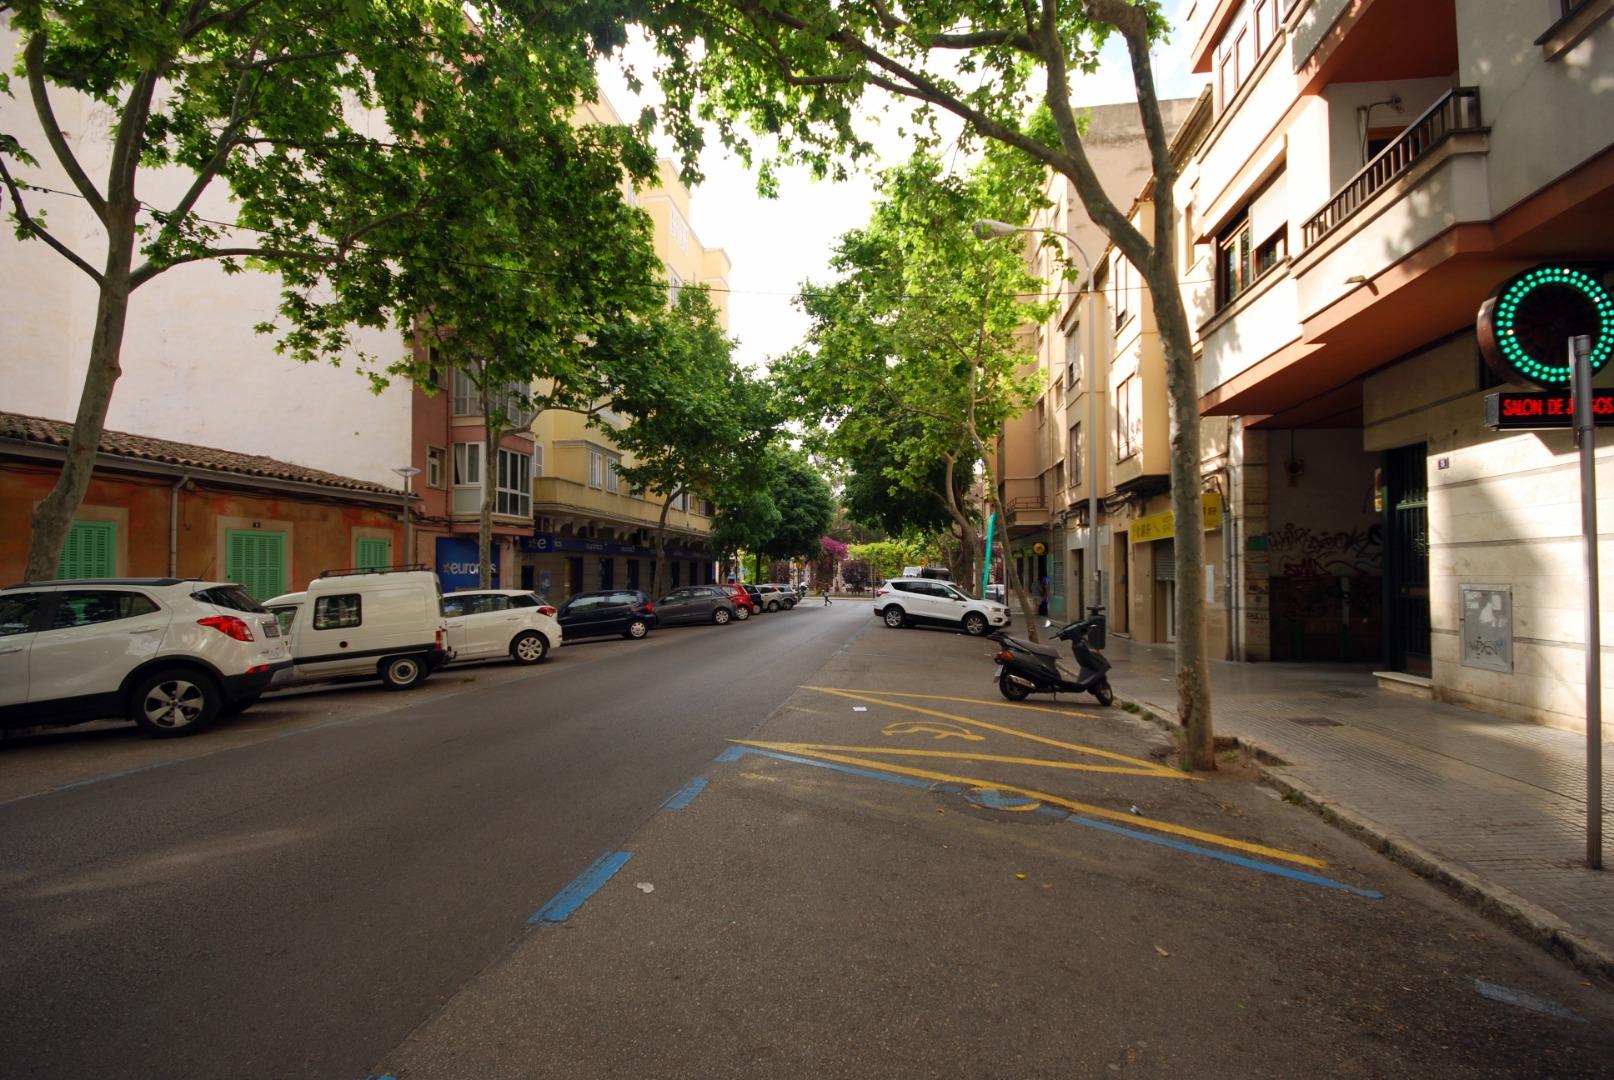 Aparcamiento a pie de calle, muy prox, avenidas, zona Nuredduna , junto a la plaza de las Columnas.